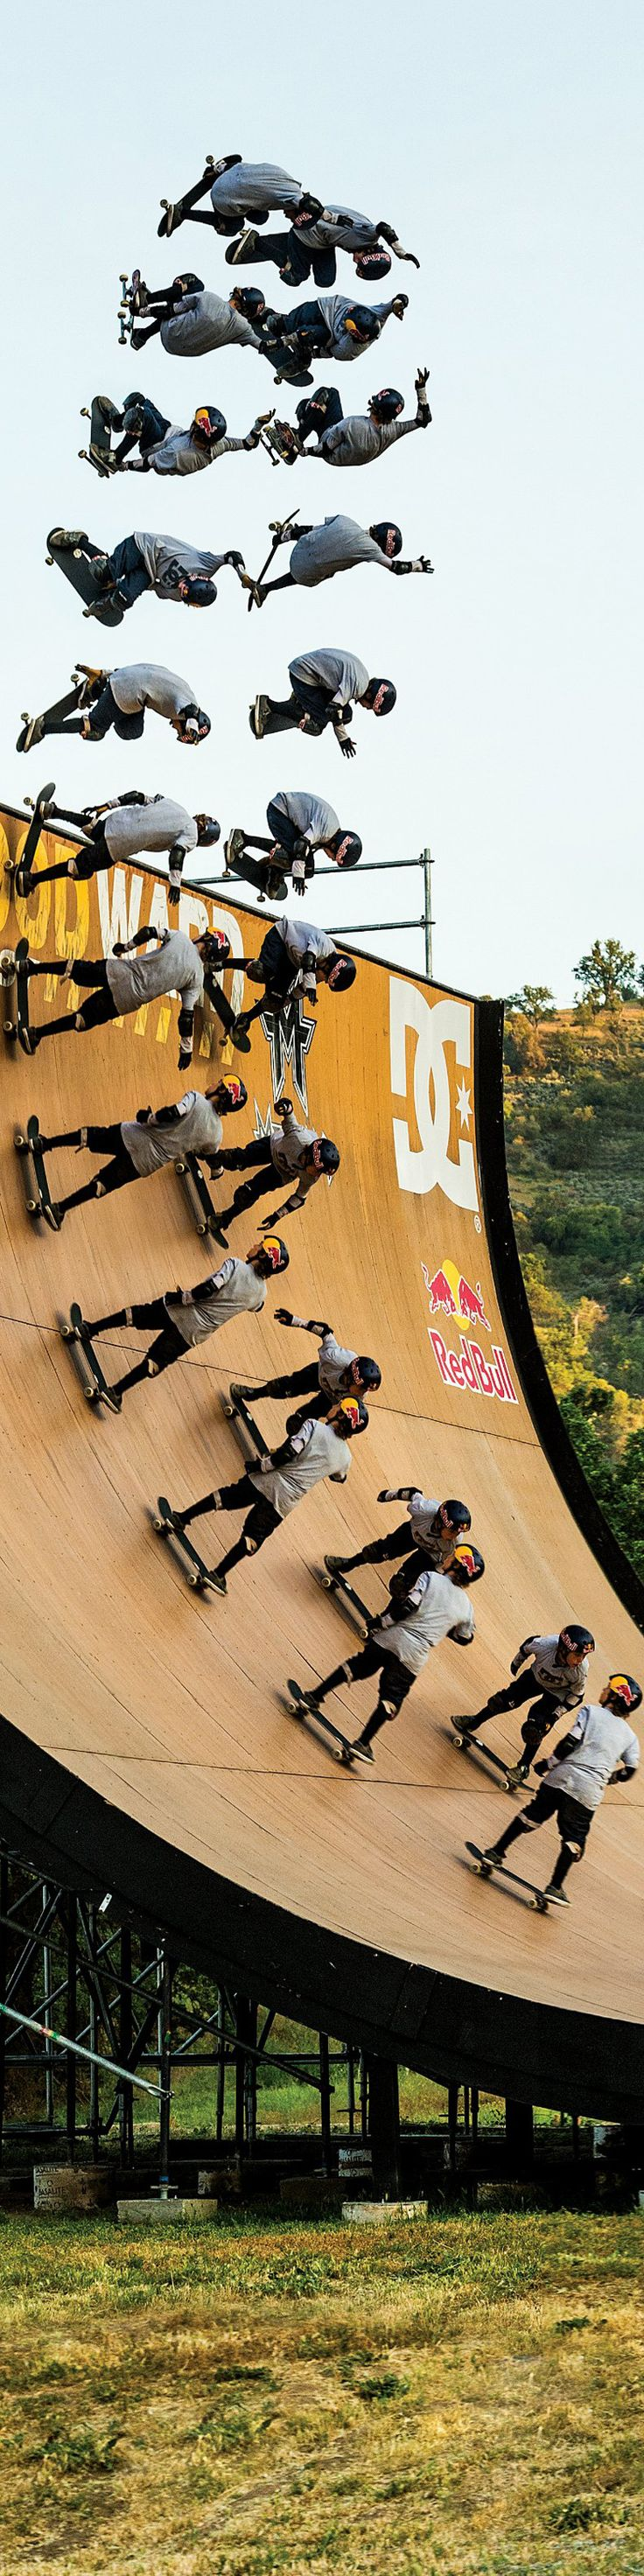 Huston, Zeuner, Schaar head 1st US skateboarding team